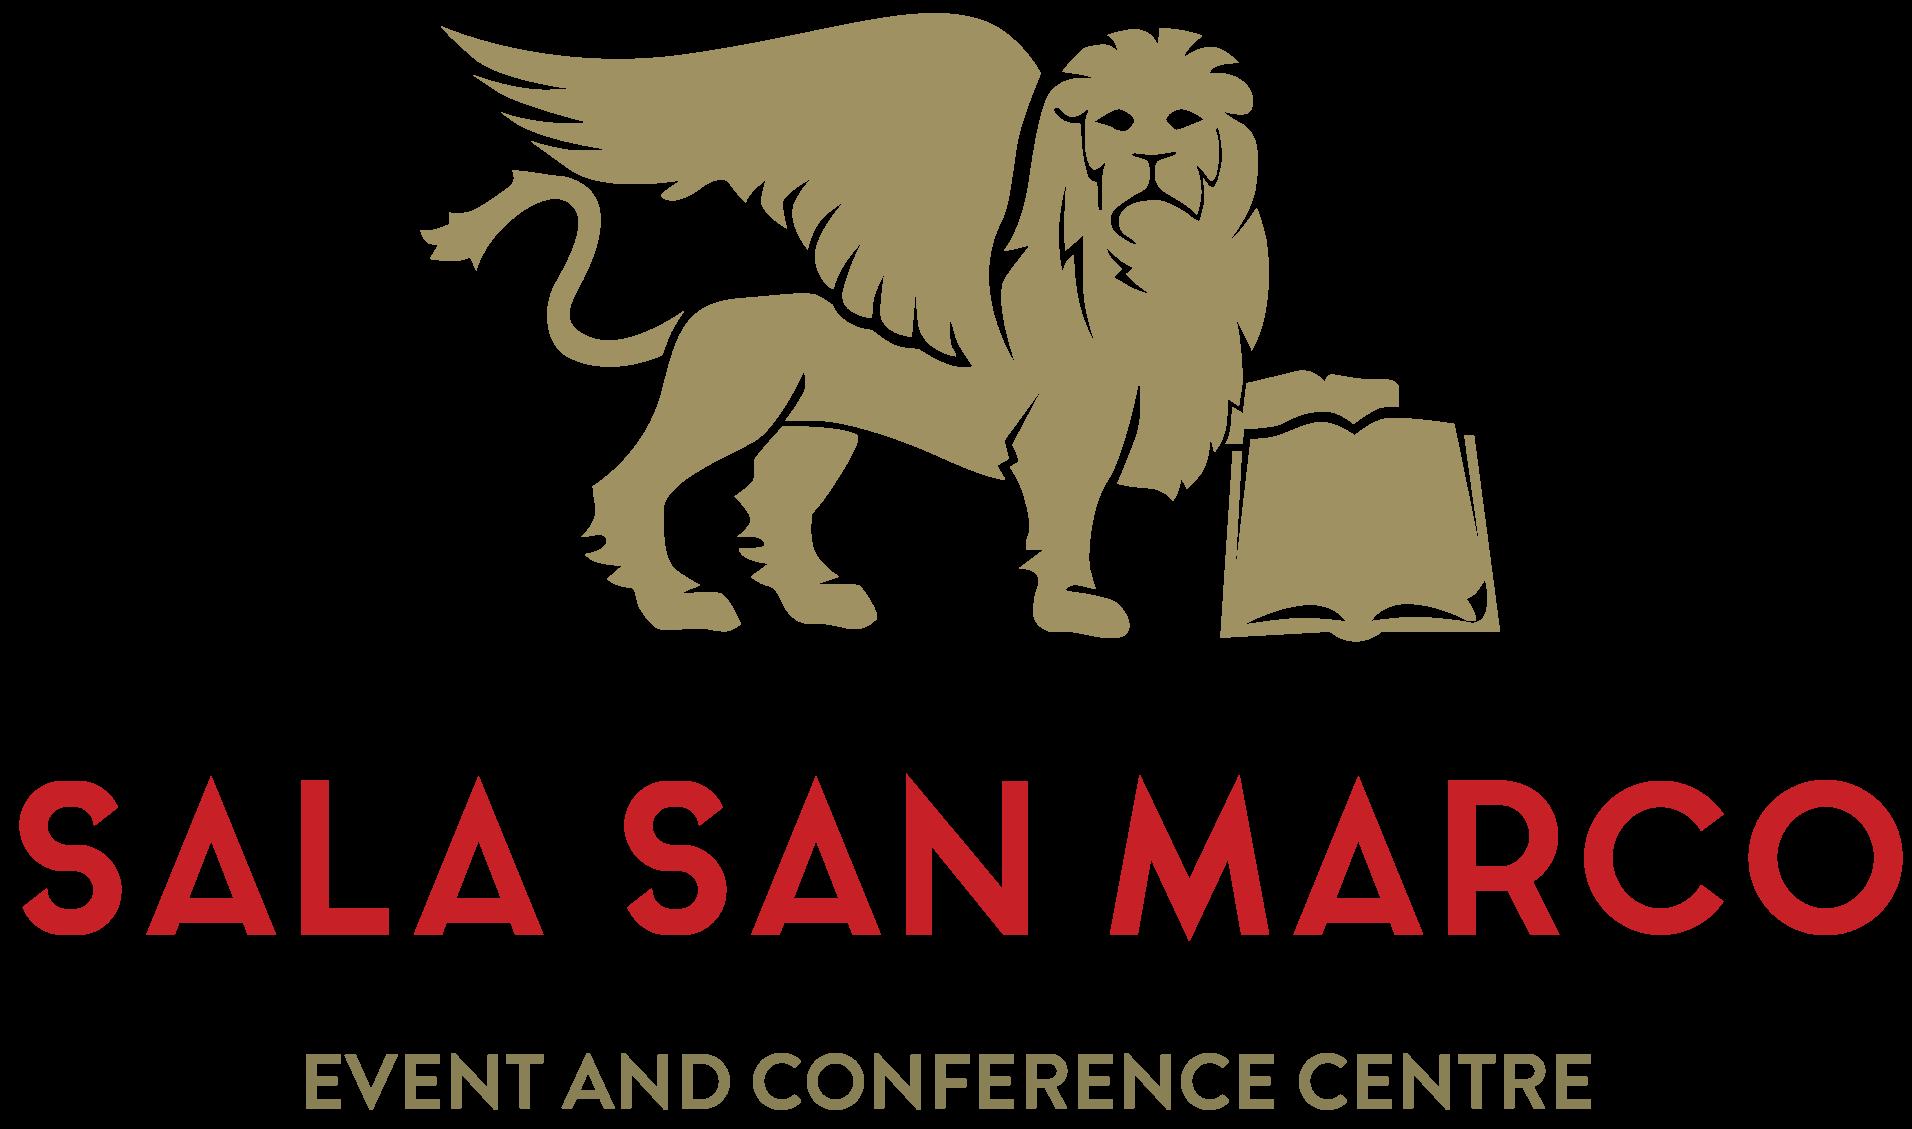 Home | Sala San Marco